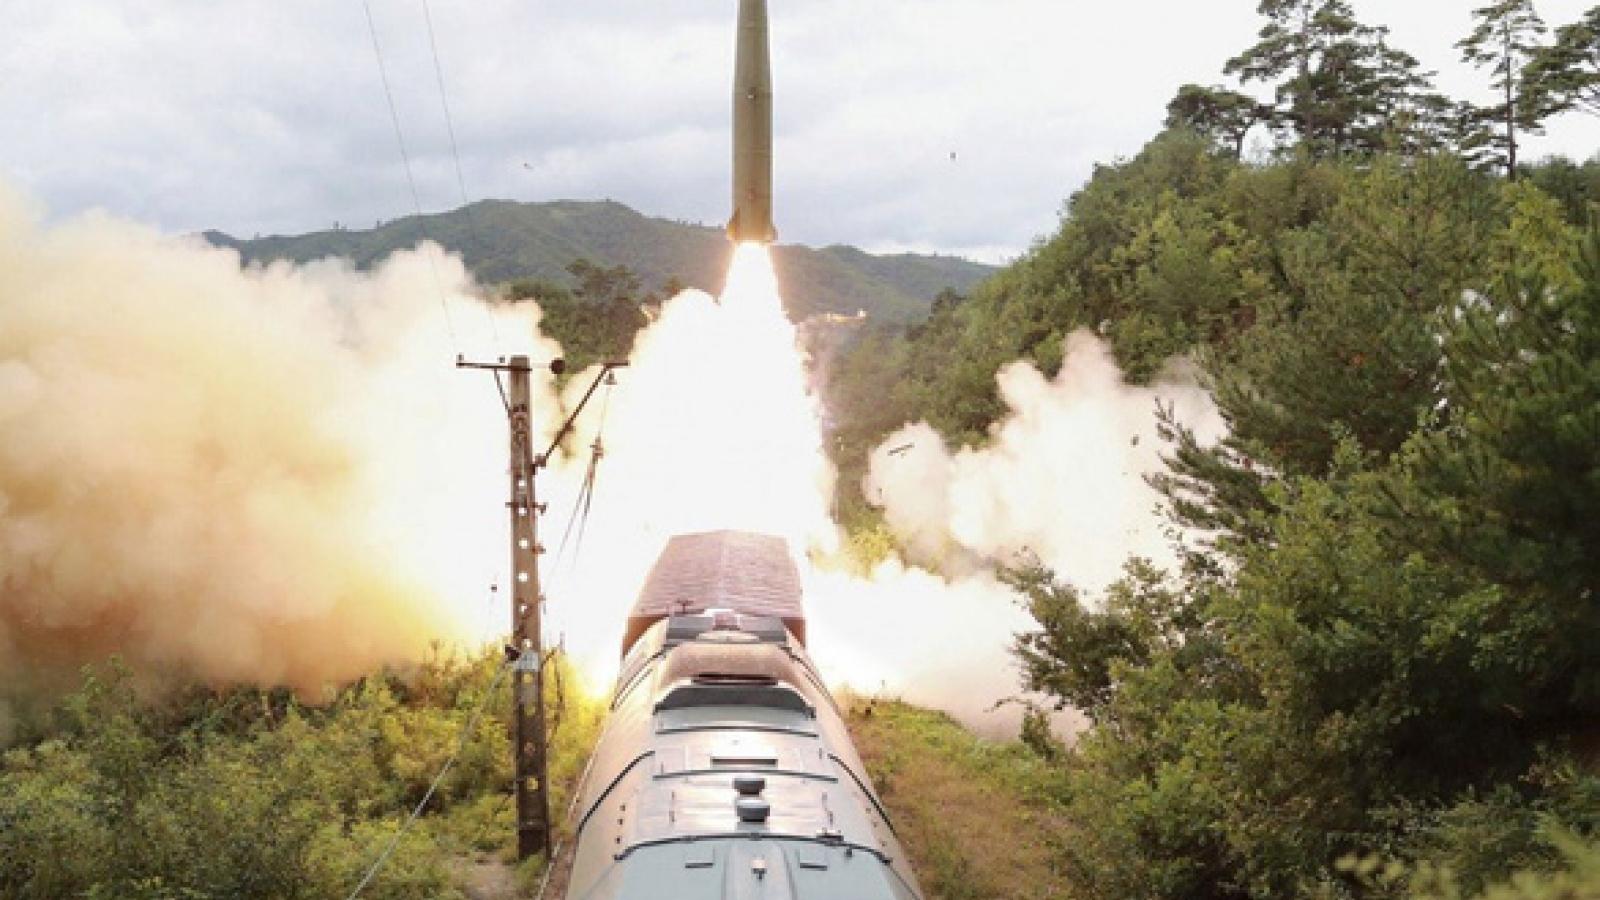 Nhật Bản và Hàn Quốc phản ứng trước vụ phóng tên lửa mới nhất của Triều Tiên